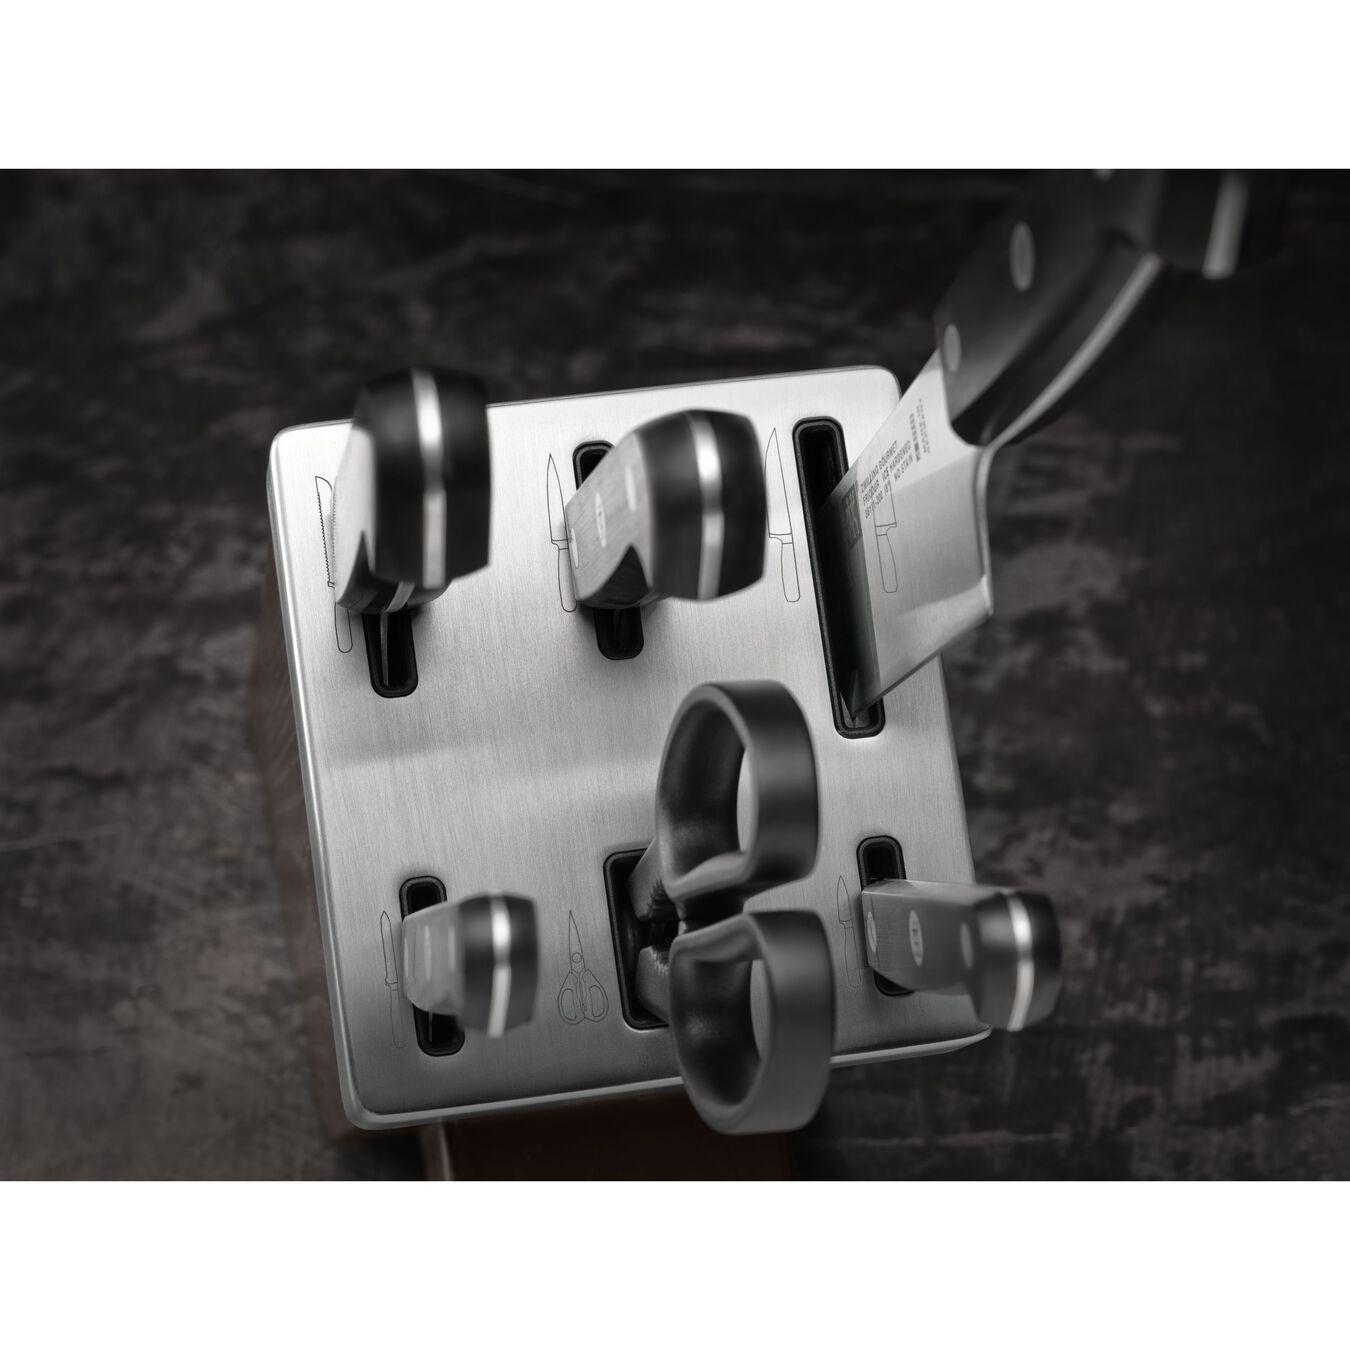 Blok Bıçak Seti Kendinden Bilemeli | dişbudak ağacı | 7-parça,,large 5